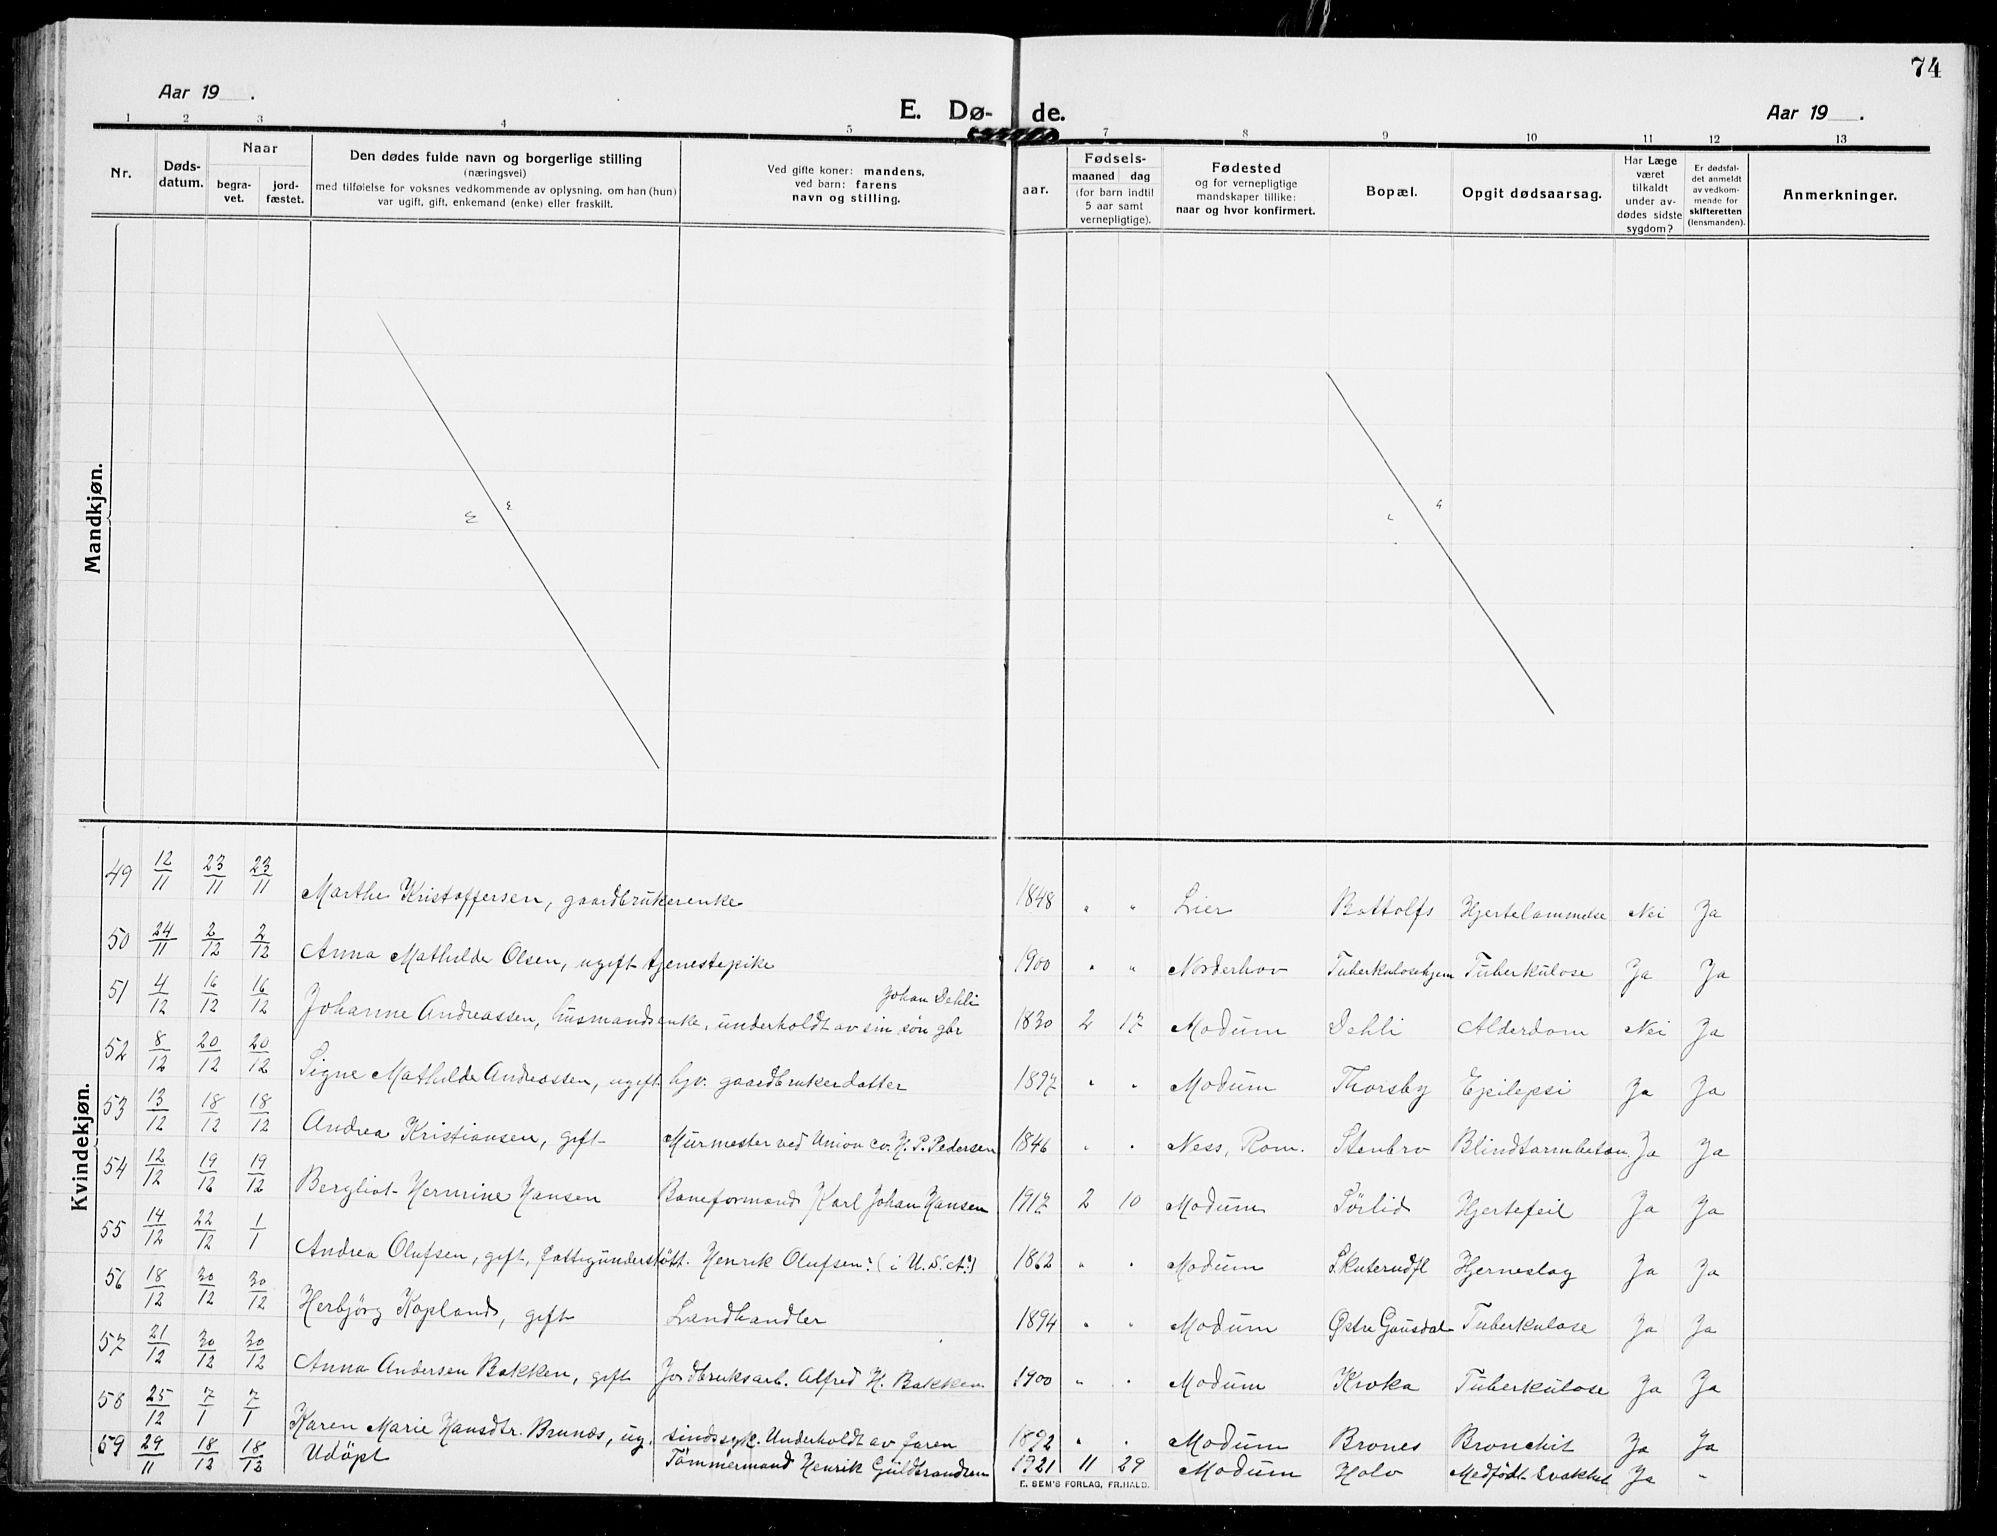 SAKO, Modum kirkebøker, G/Ga/L0011: Klokkerbok nr. I 11, 1910-1925, s. 74